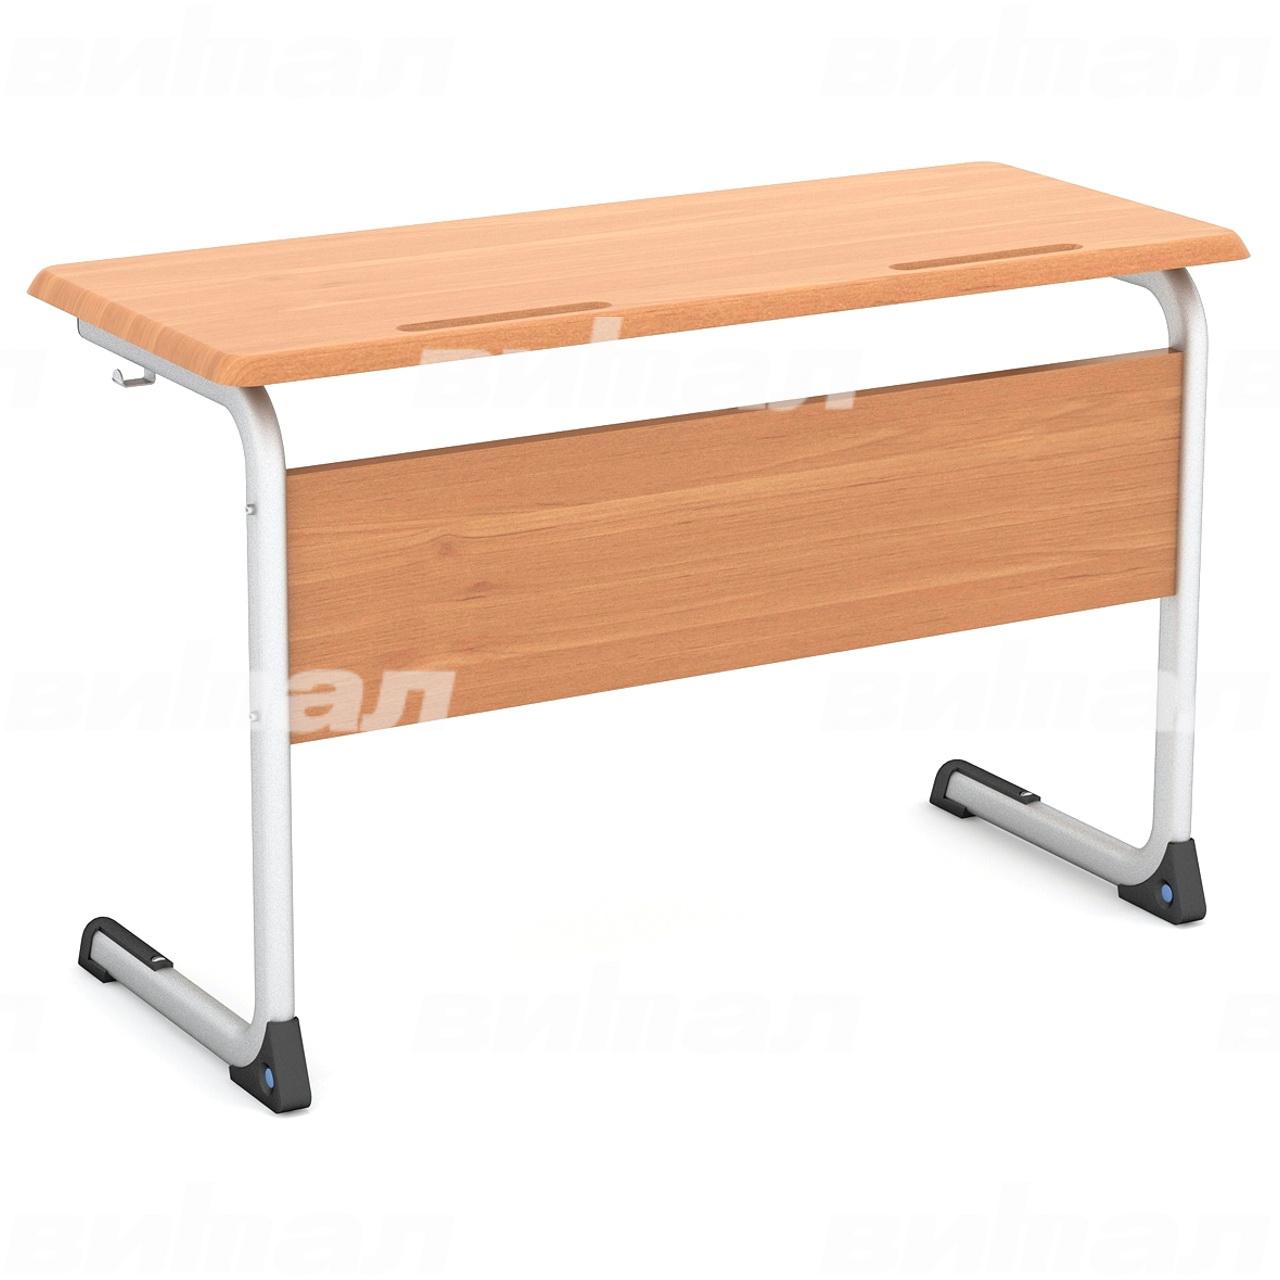 Стол ученический 2-местный нерегулируемый (гр. 3, 4, 5 или 6) МДФ серый Бук 5 МДФ плоскоовальная